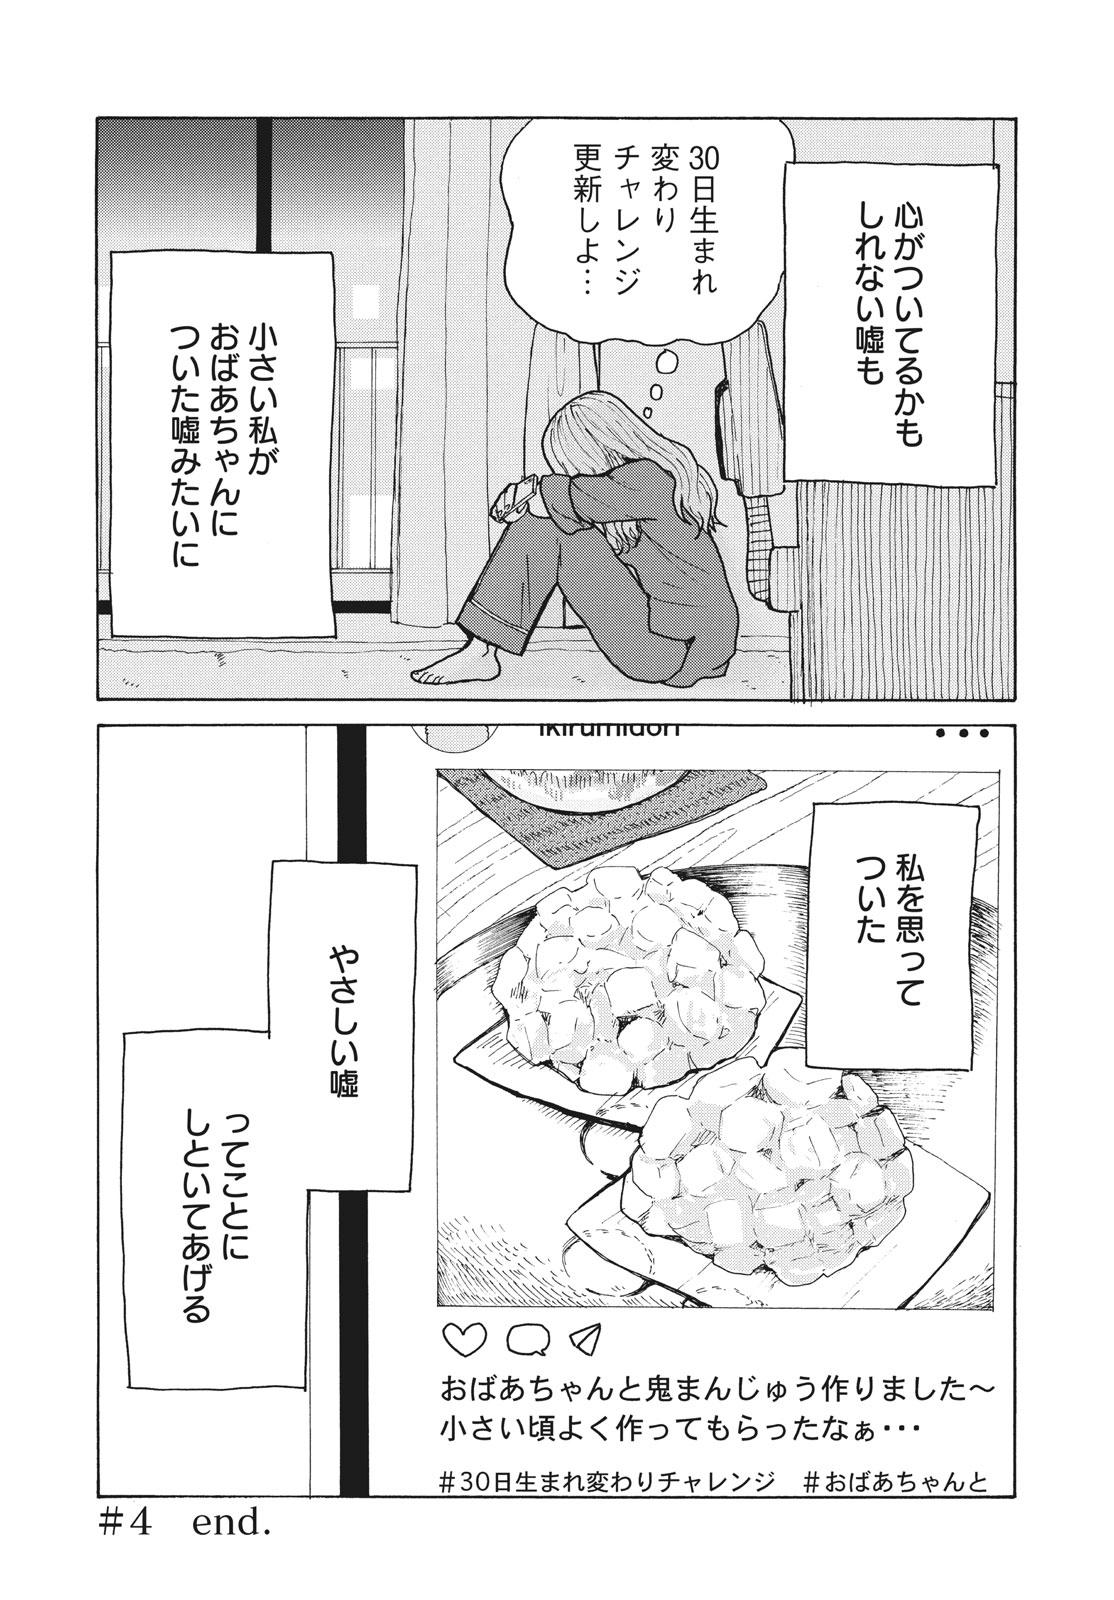 012_30譌・_2019_004_E.jpg